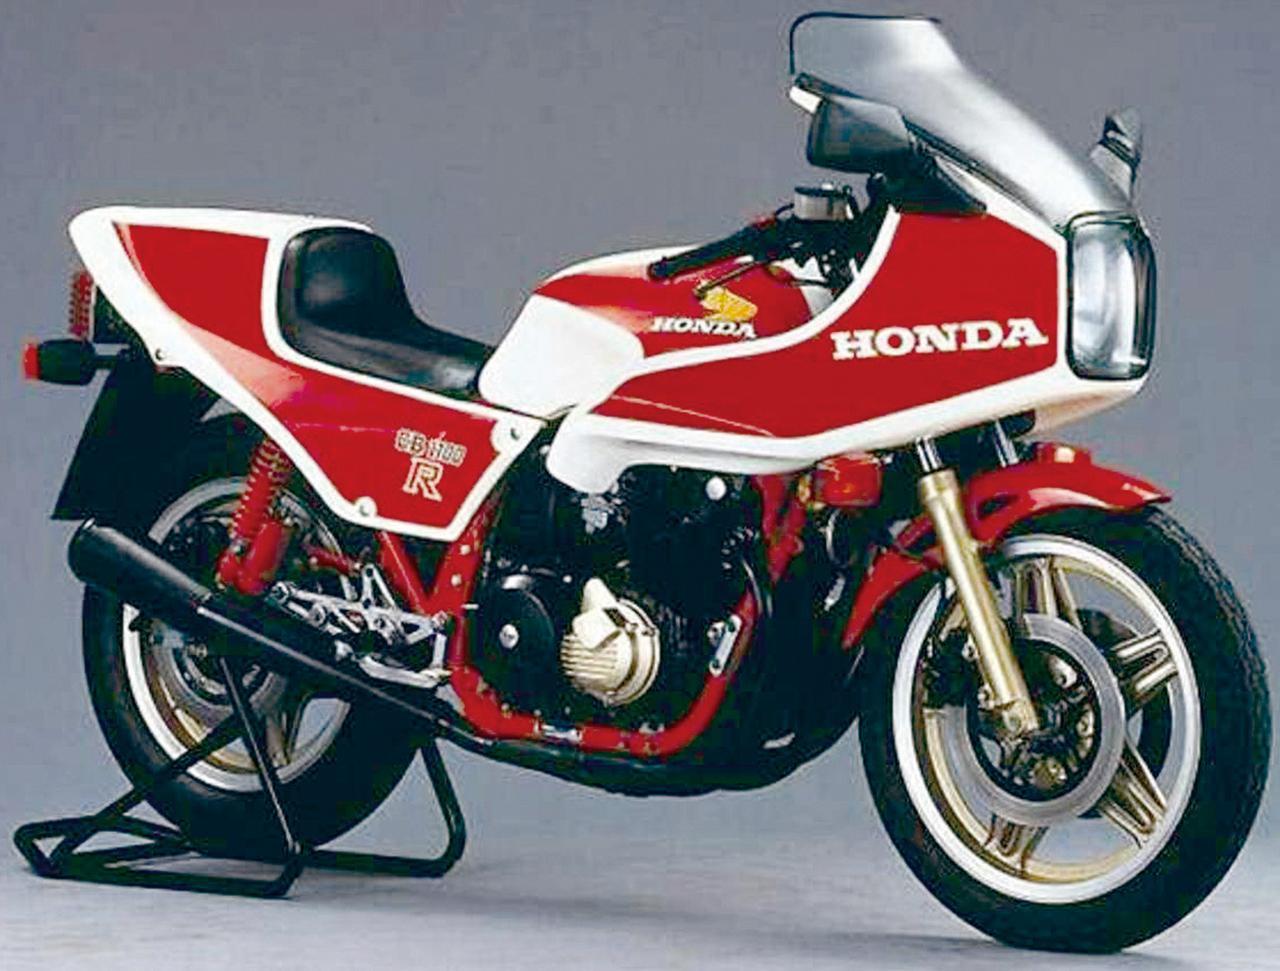 画像: CB100R 1981年 空冷CBの集大成にして究極のフラッグシップ。1981年、レース出場を前提としたスペシャルモデルとしてデビュー、その後1984年まで限定生産された。鍛造ピストンを採用する手組みのエンジンやアルミタンク、FRPカウルなど、当時最高峰のパーツを使用していた。